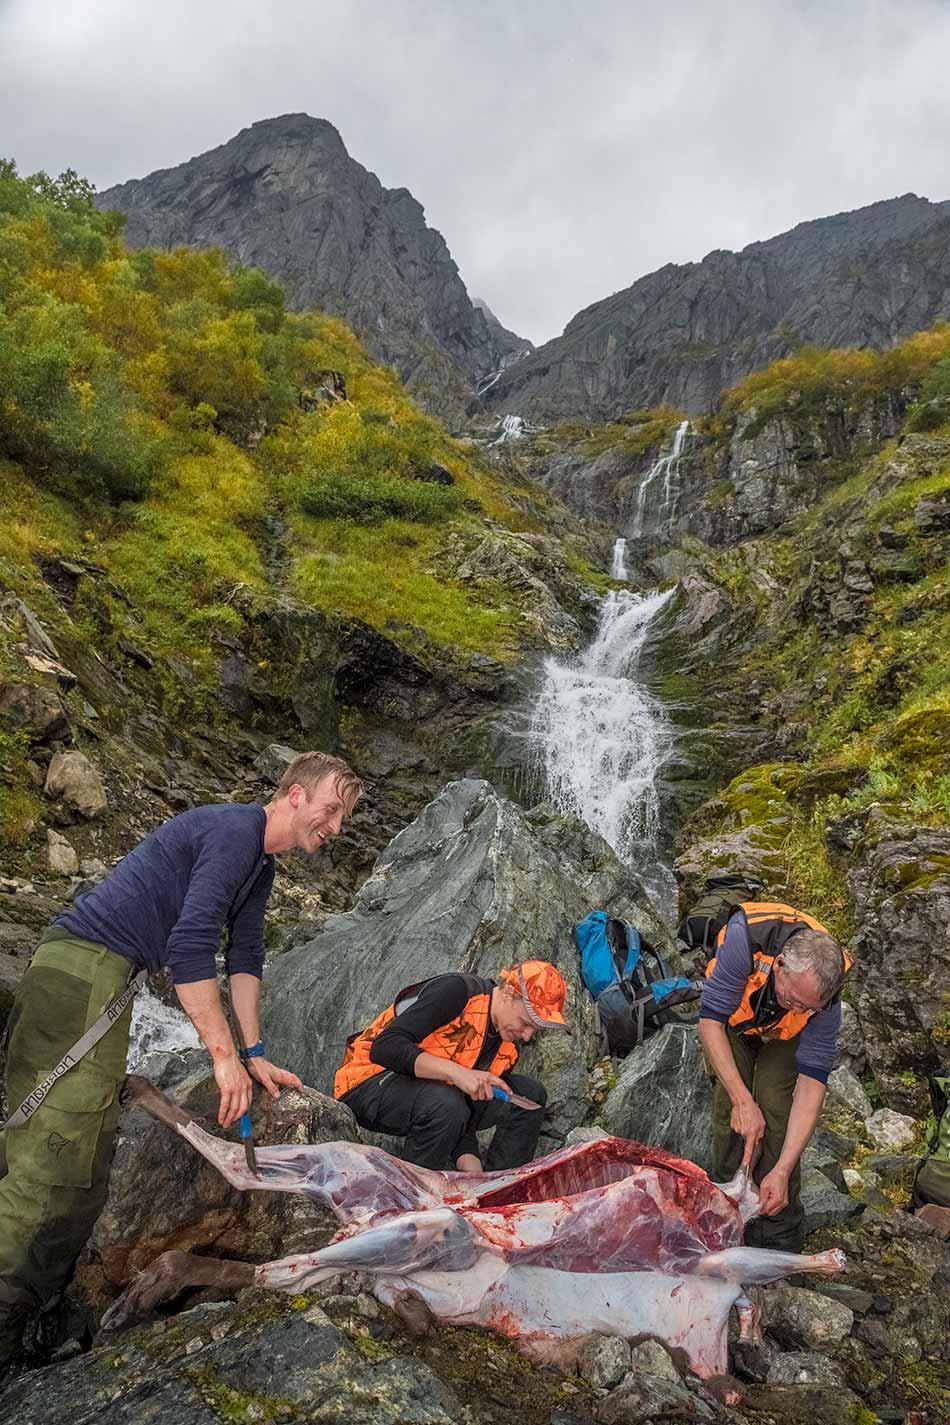 Anders Ommedal, Knut Tore Holme og Oddvin Holme må slakte og partere hjorten før byttet kan berast ned til fjorden.